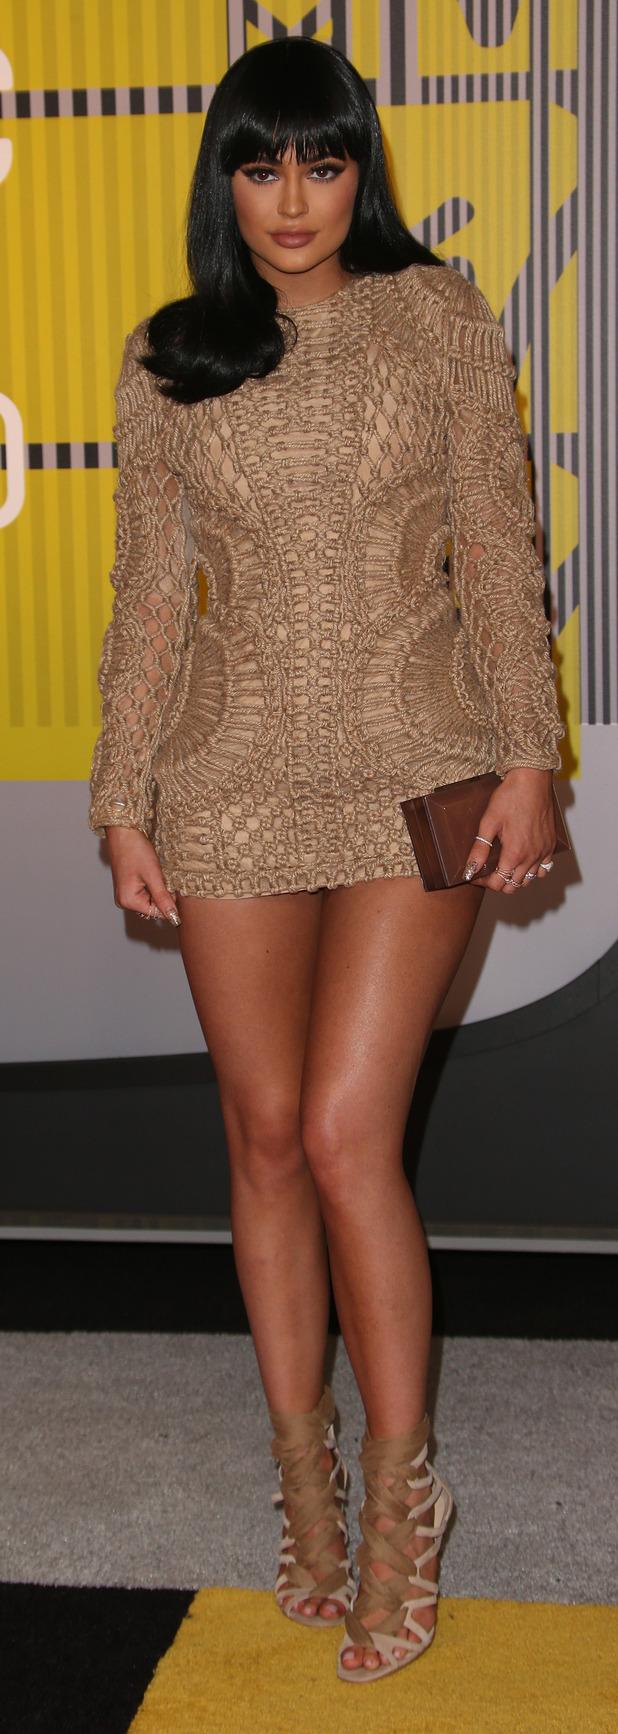 Kylie Jenner seen arriving at the MTV VMAs 1st September 2015